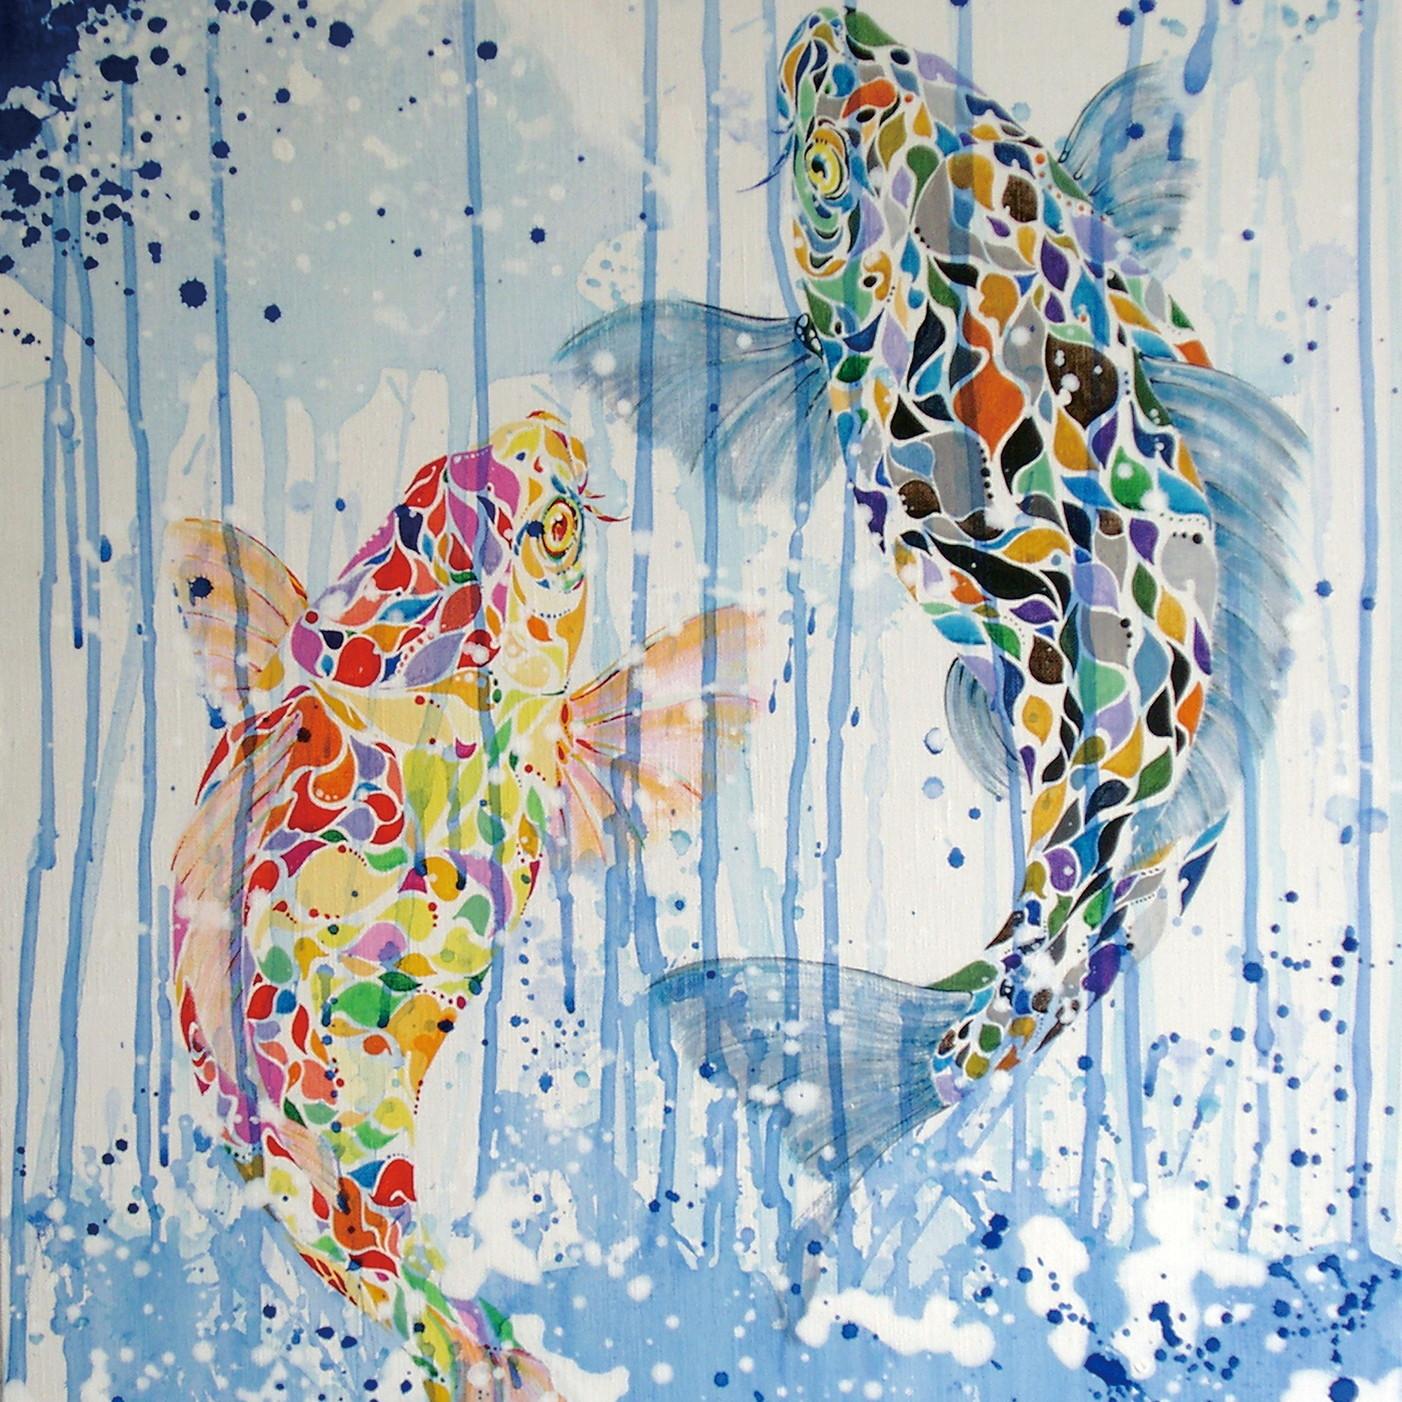 絵画 インテリア アートパネル 雑貨 壁掛け 置物 おしゃれ 鯉 魚 和 現代アート ロココロ 画家 : nob 作品 : 登龍門